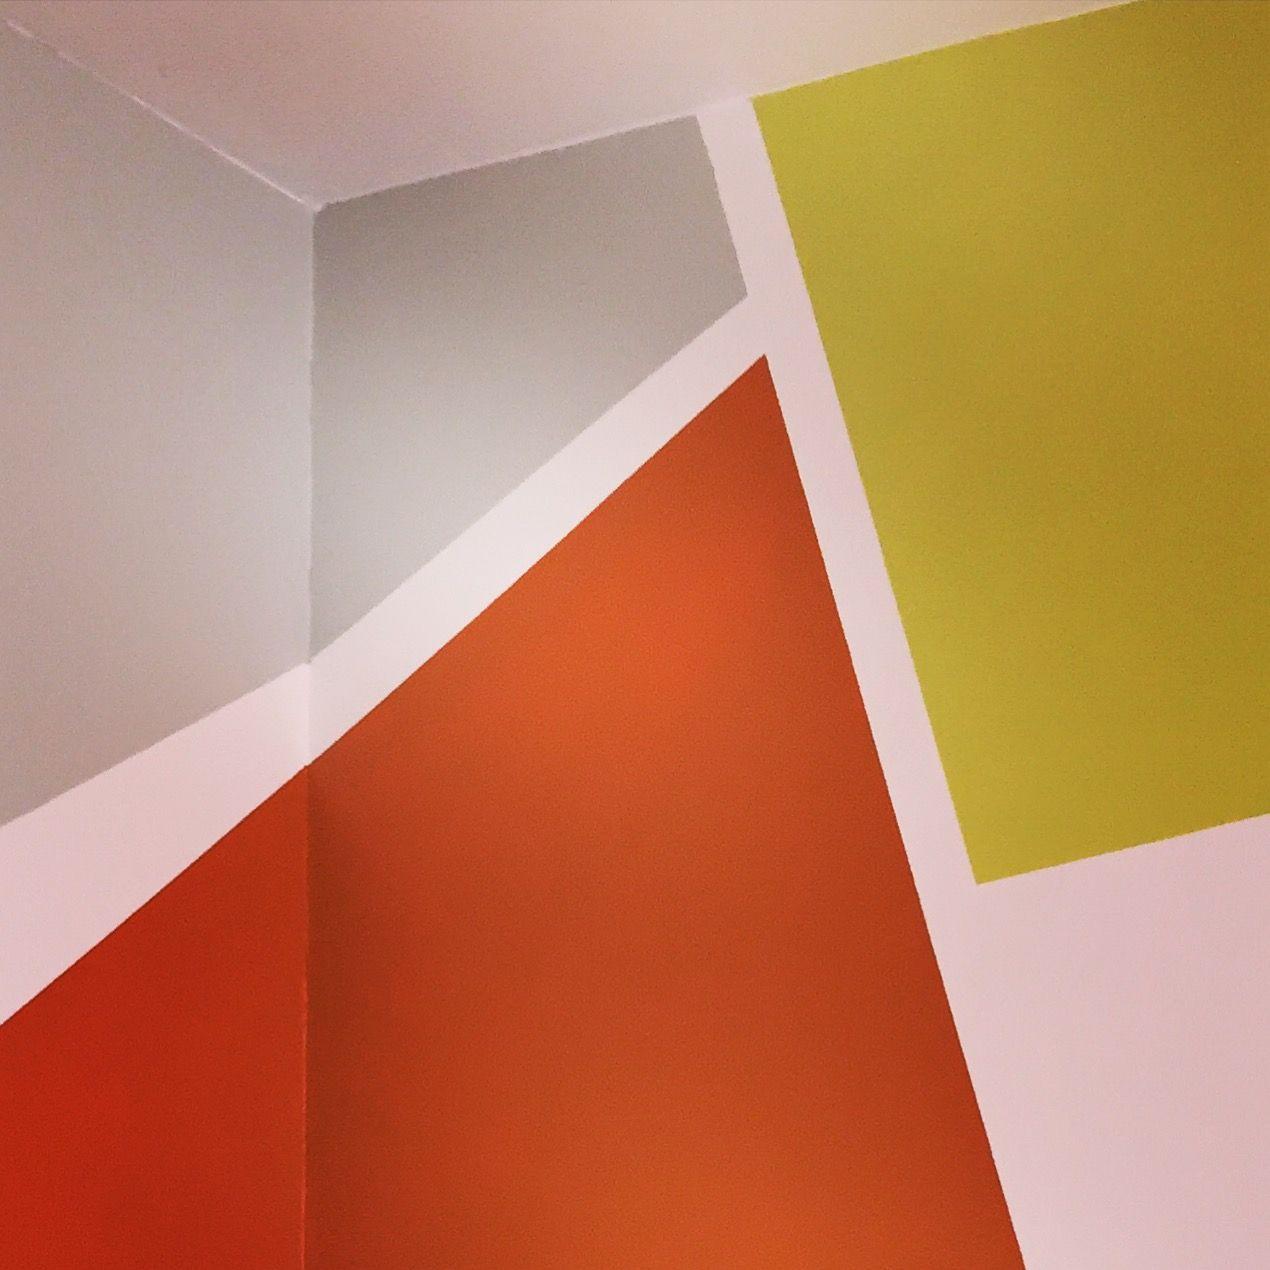 Un tour chez nous le magazine design d coration peinture mur gris vert orange for Peinture gris brillant mur